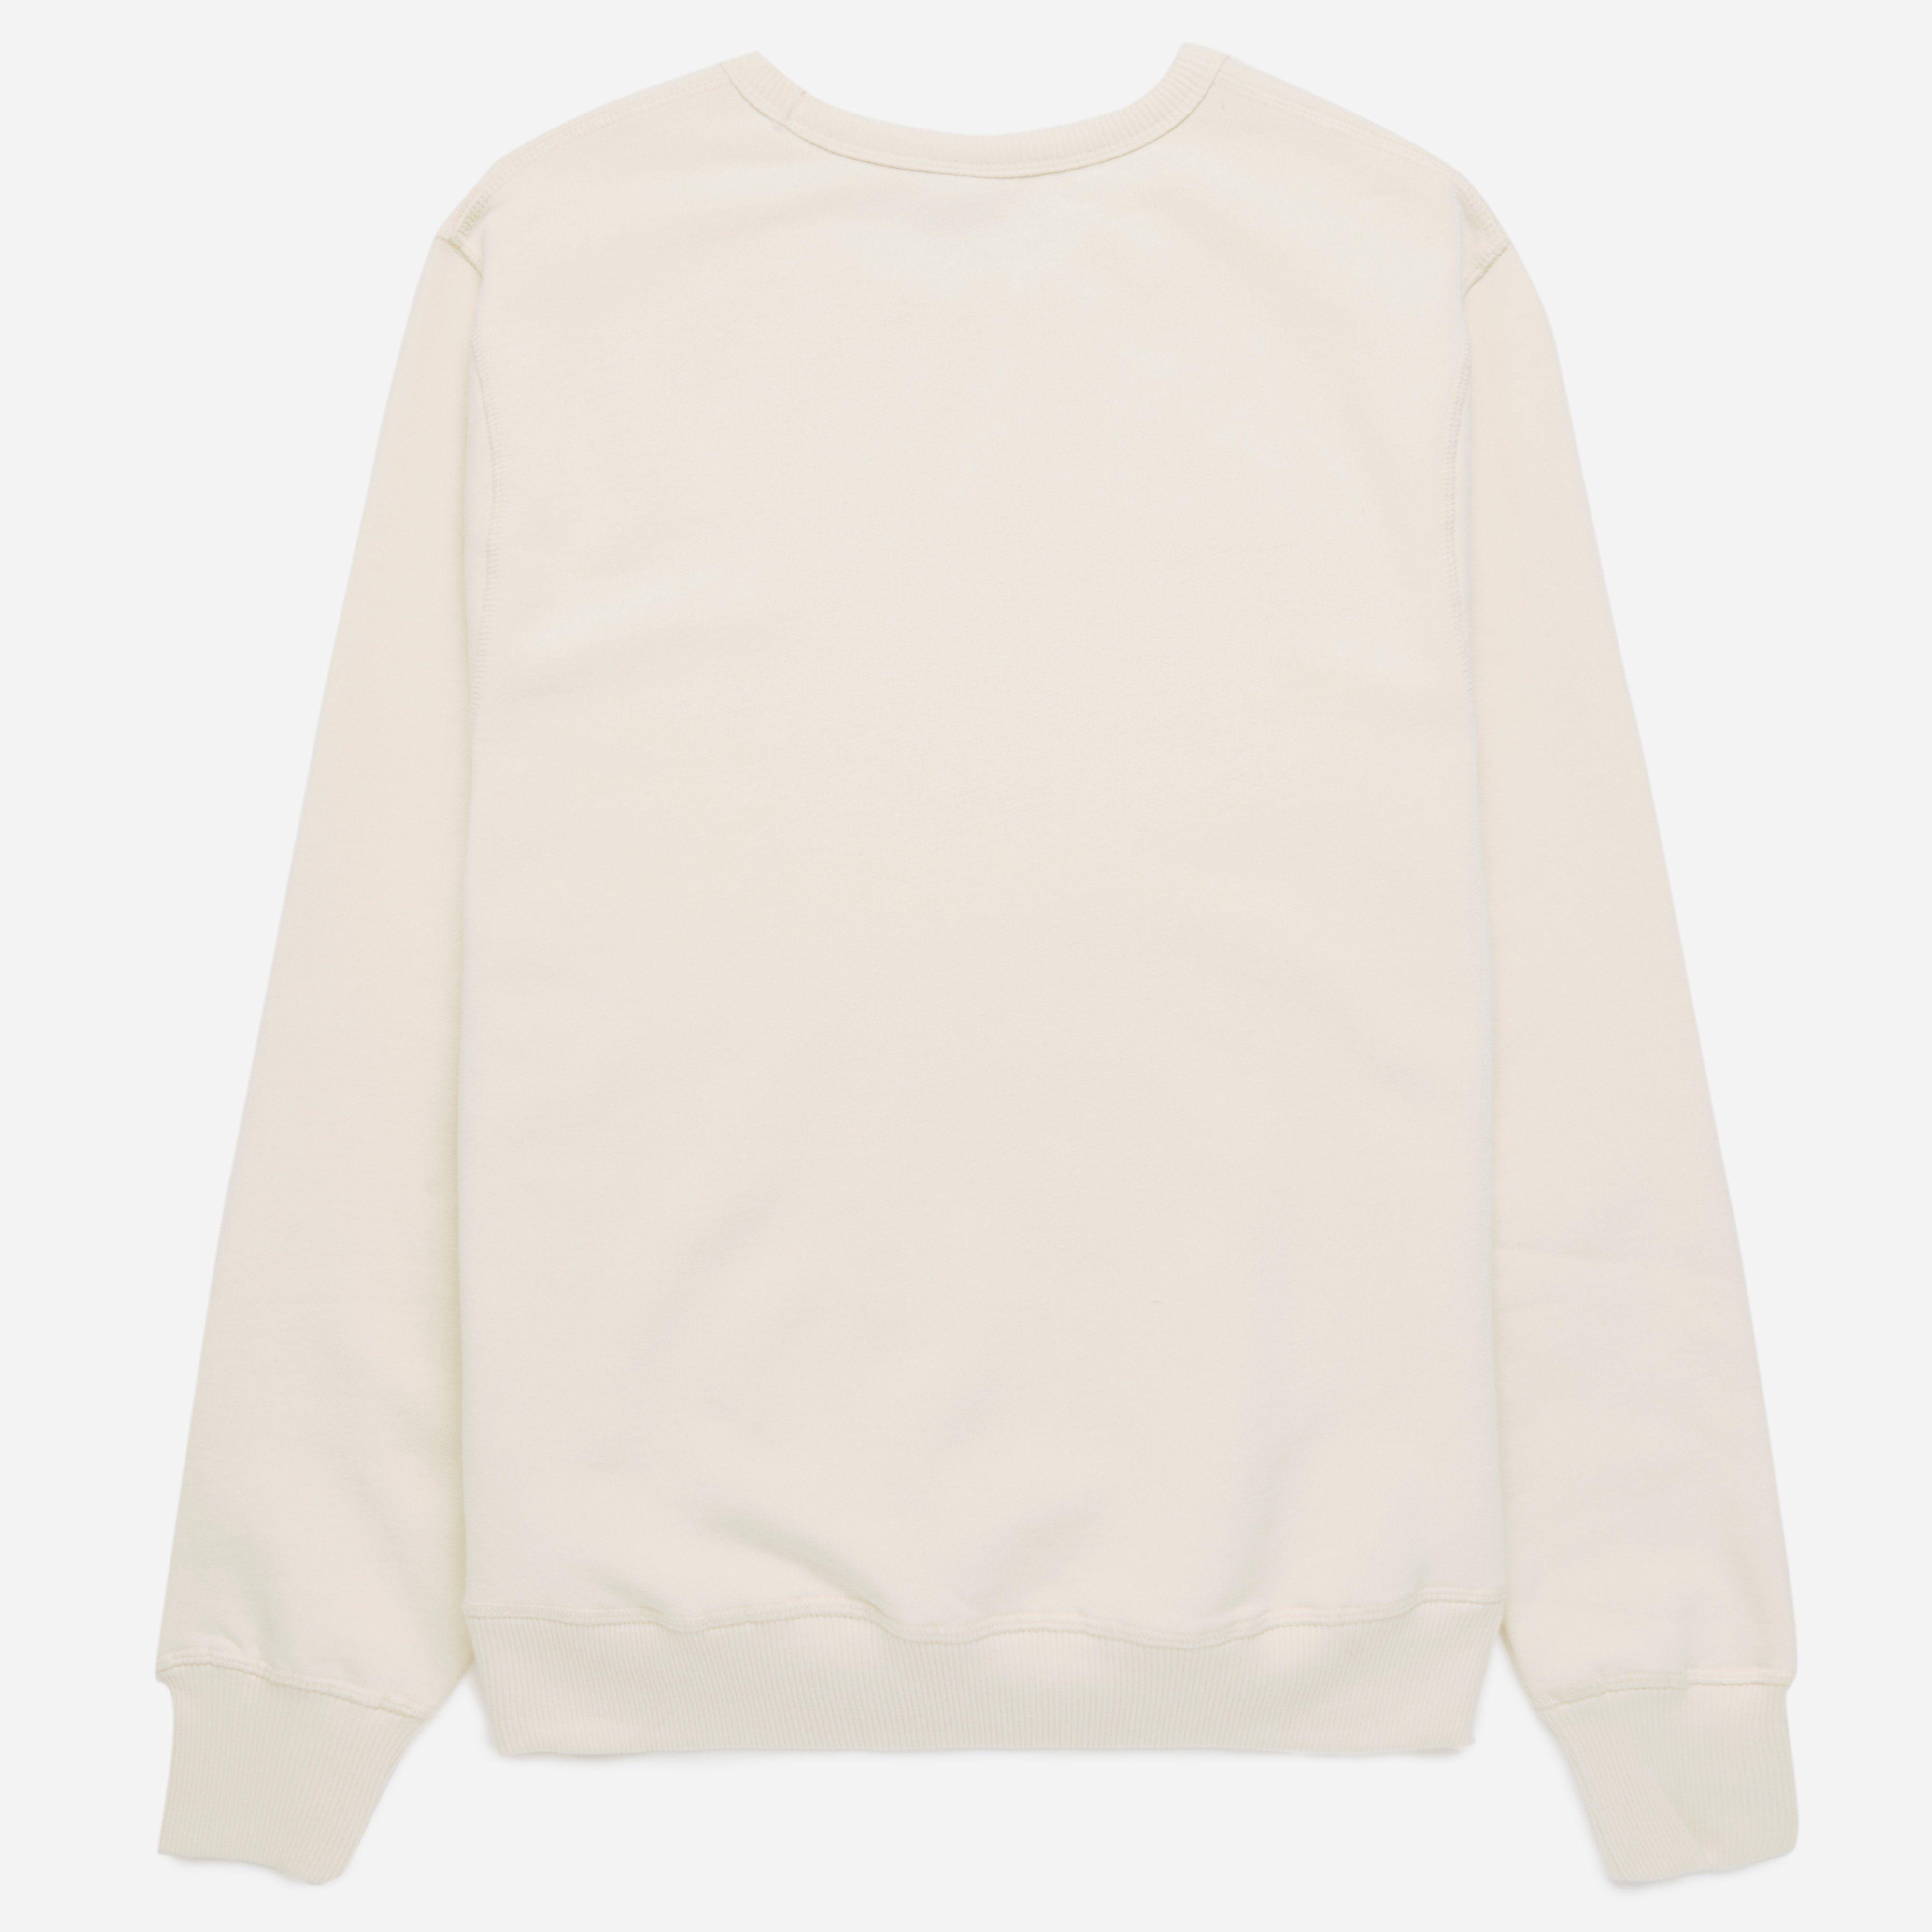 TSPTR Go Pre Sweatshirt